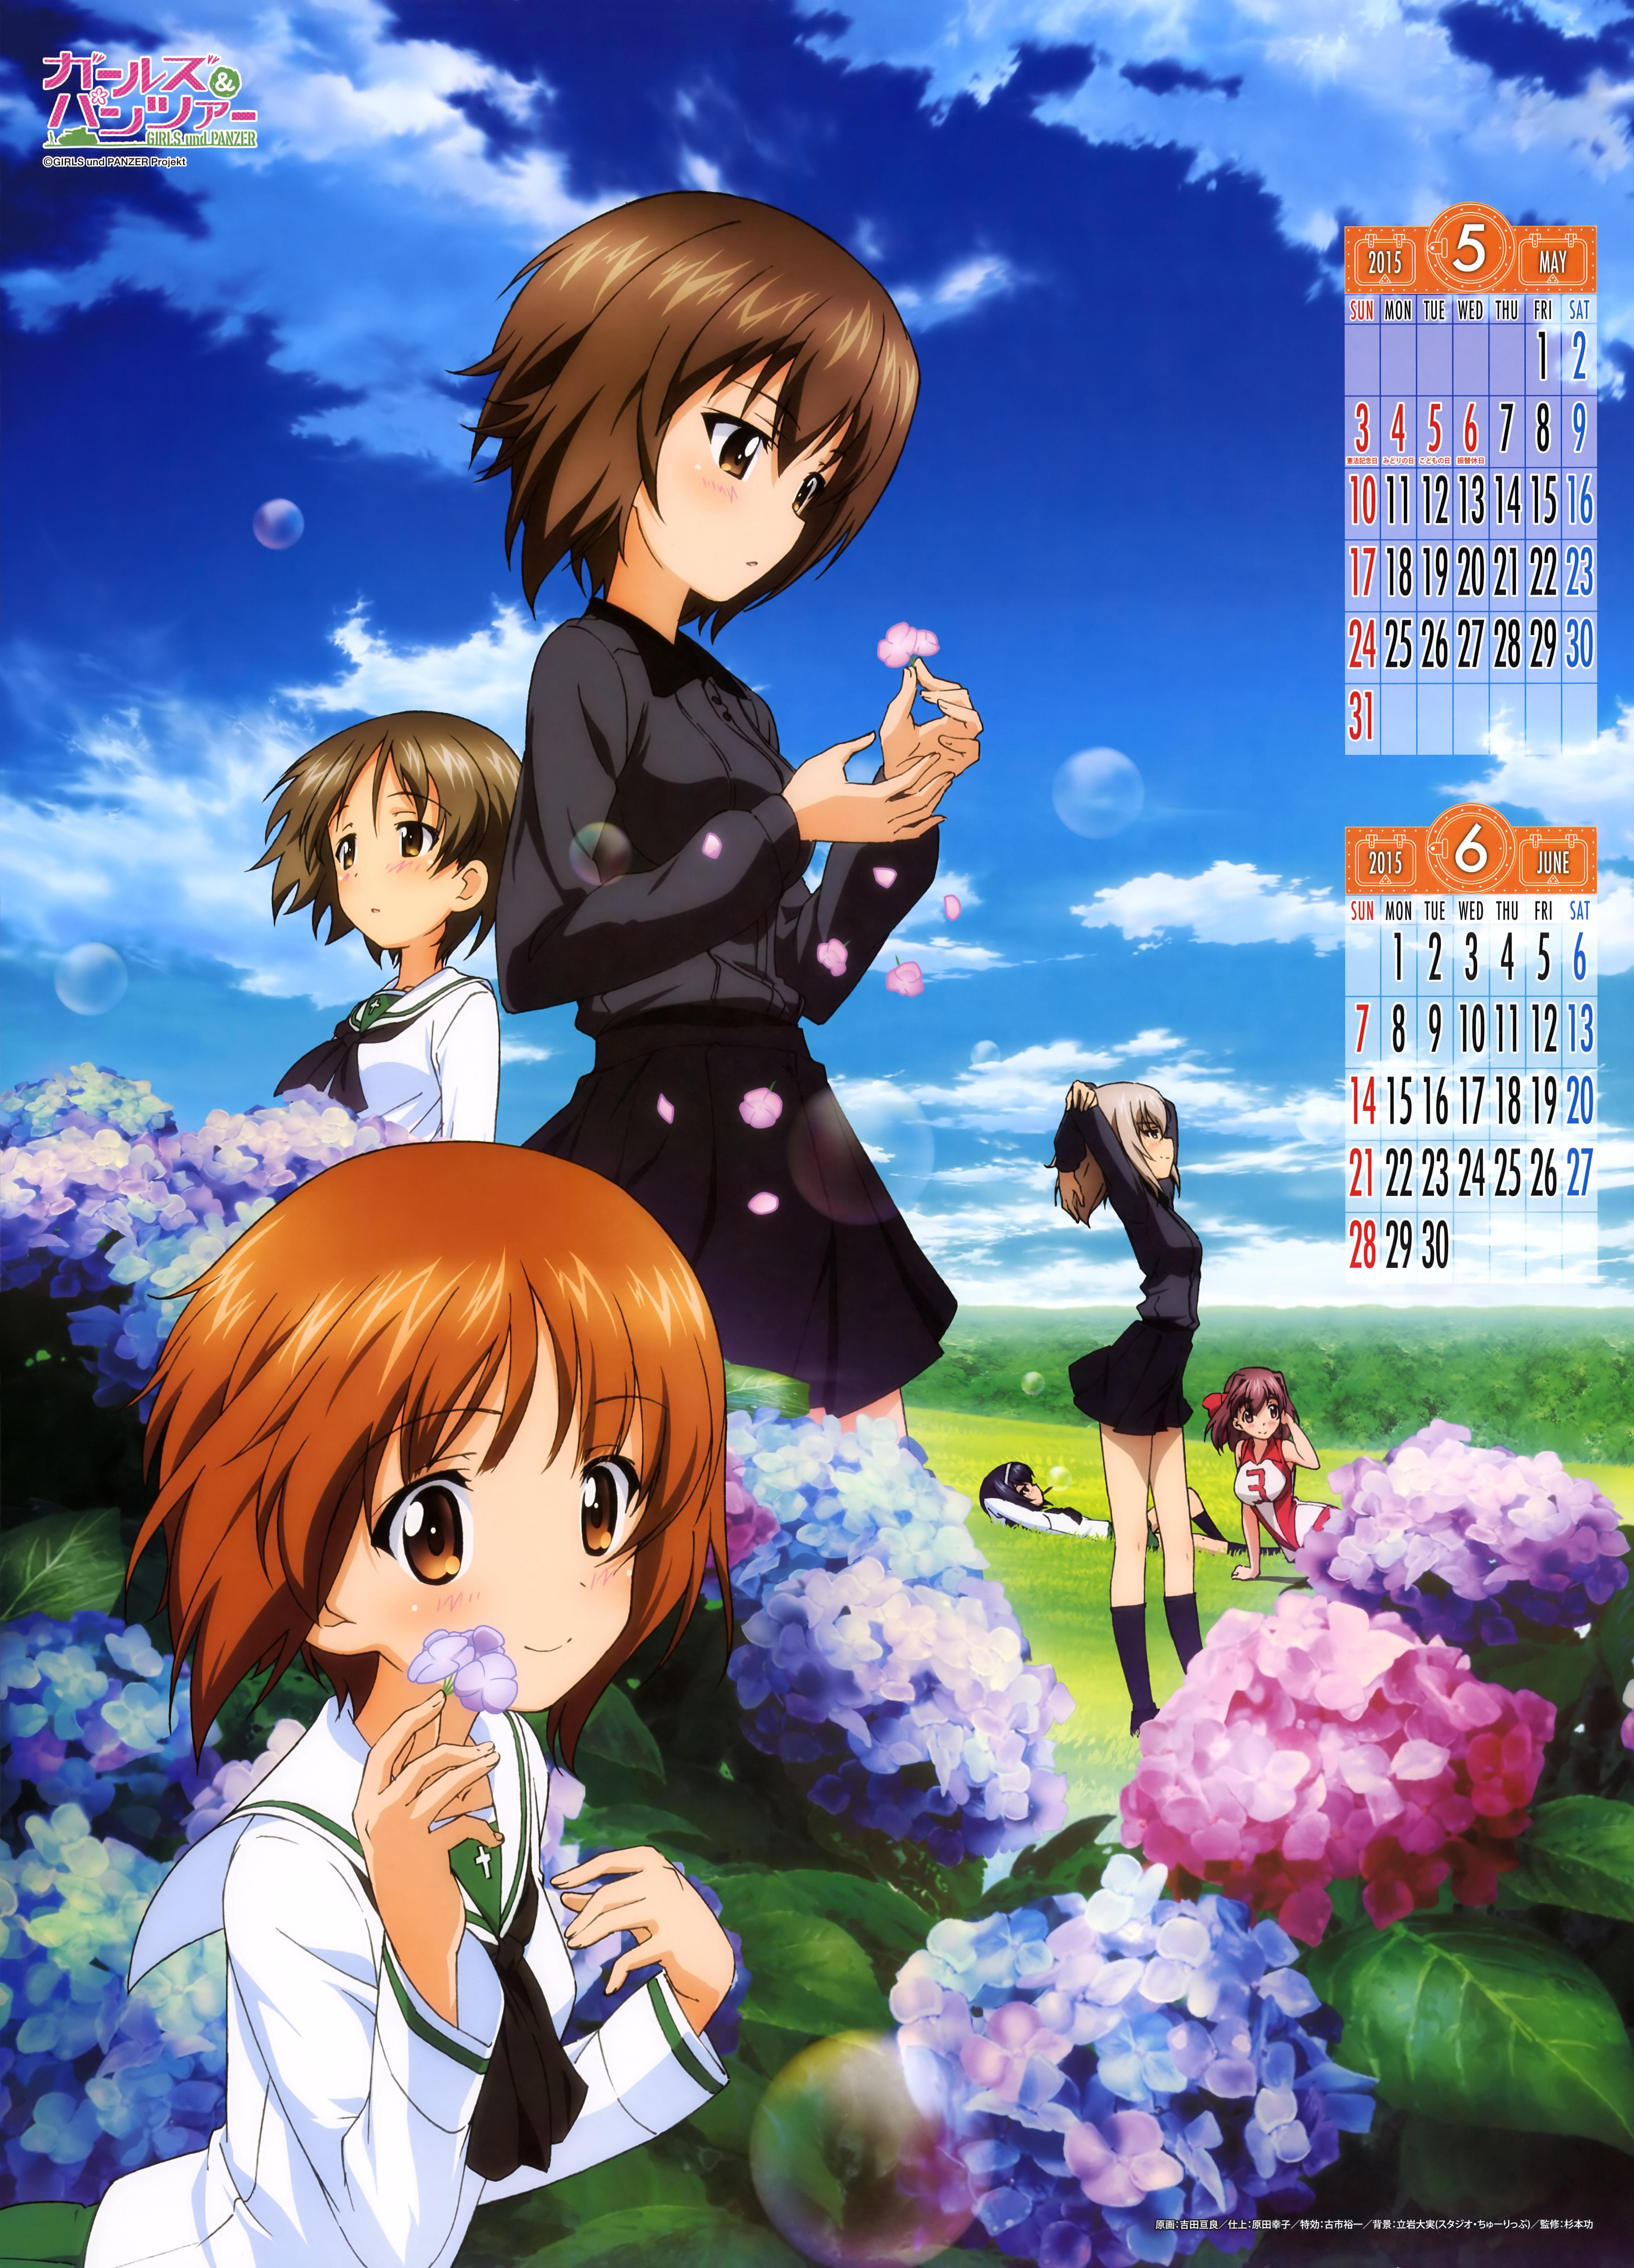 Girls und Panzer 2015 Calendar Previewed Haruhichan.com Gurapan calendar 4